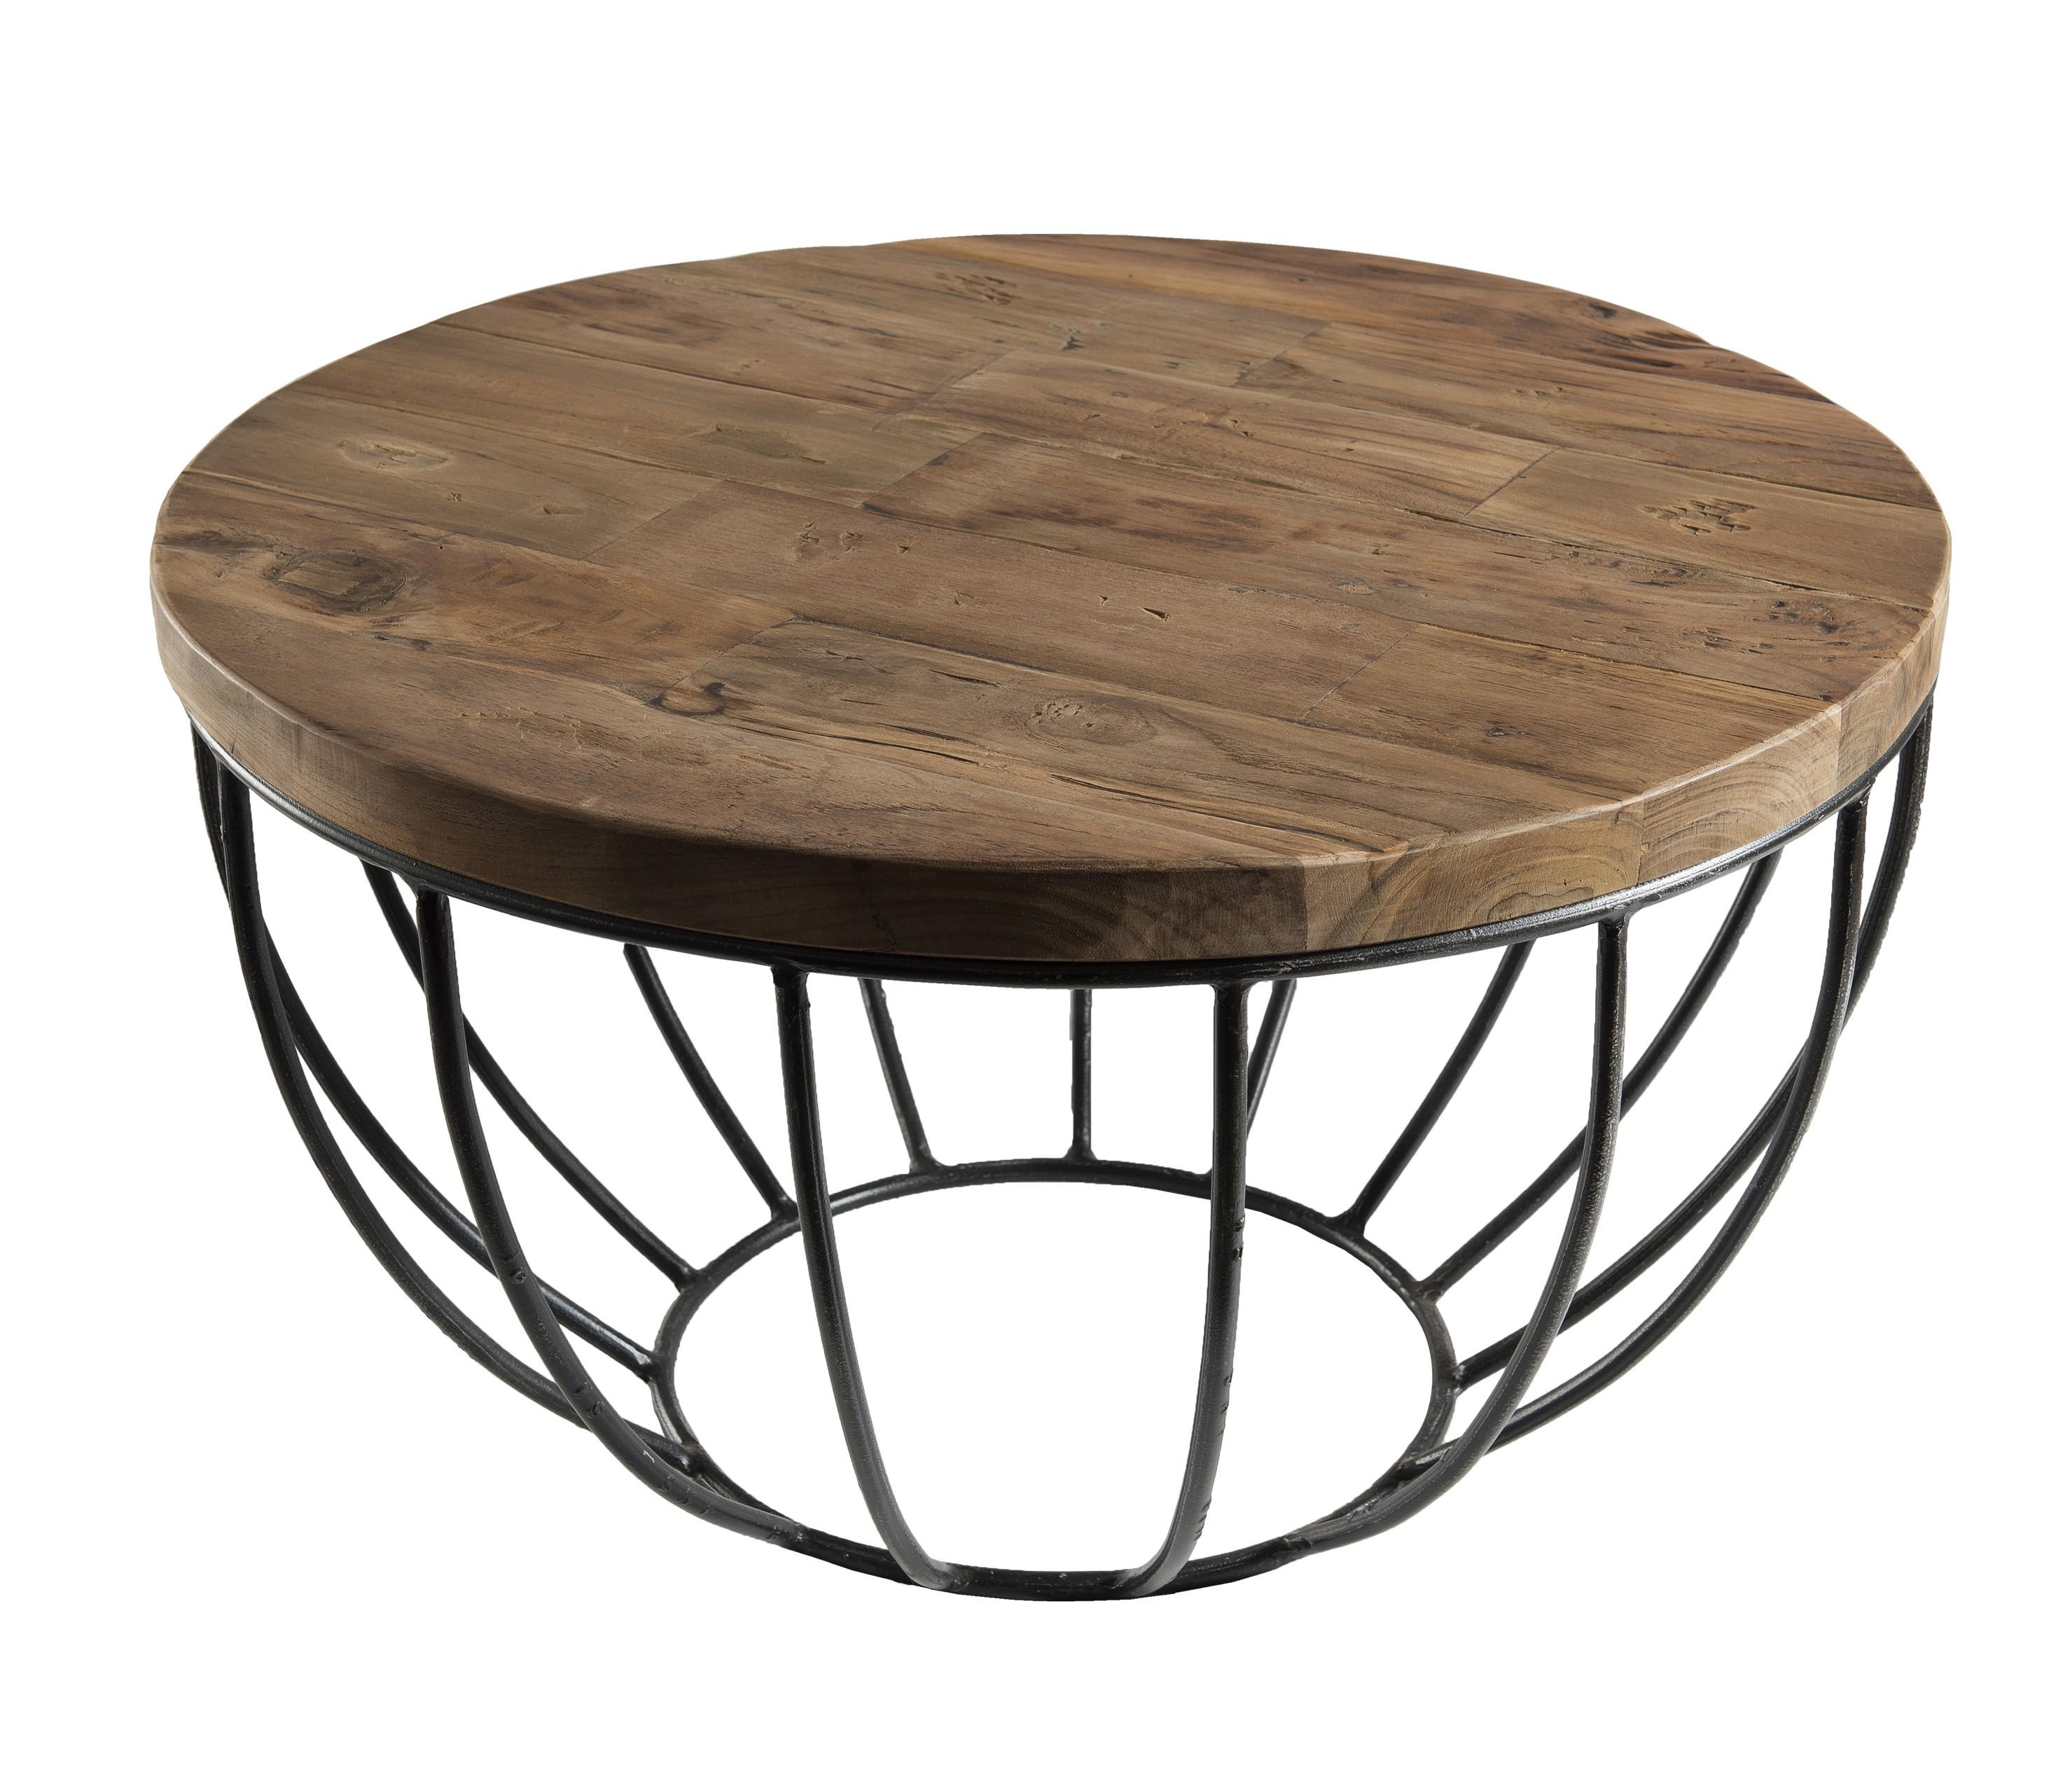 énorme réduction 688fd ab0a4 Petite table basse ronde teck recyclé structure filaire noire SWING